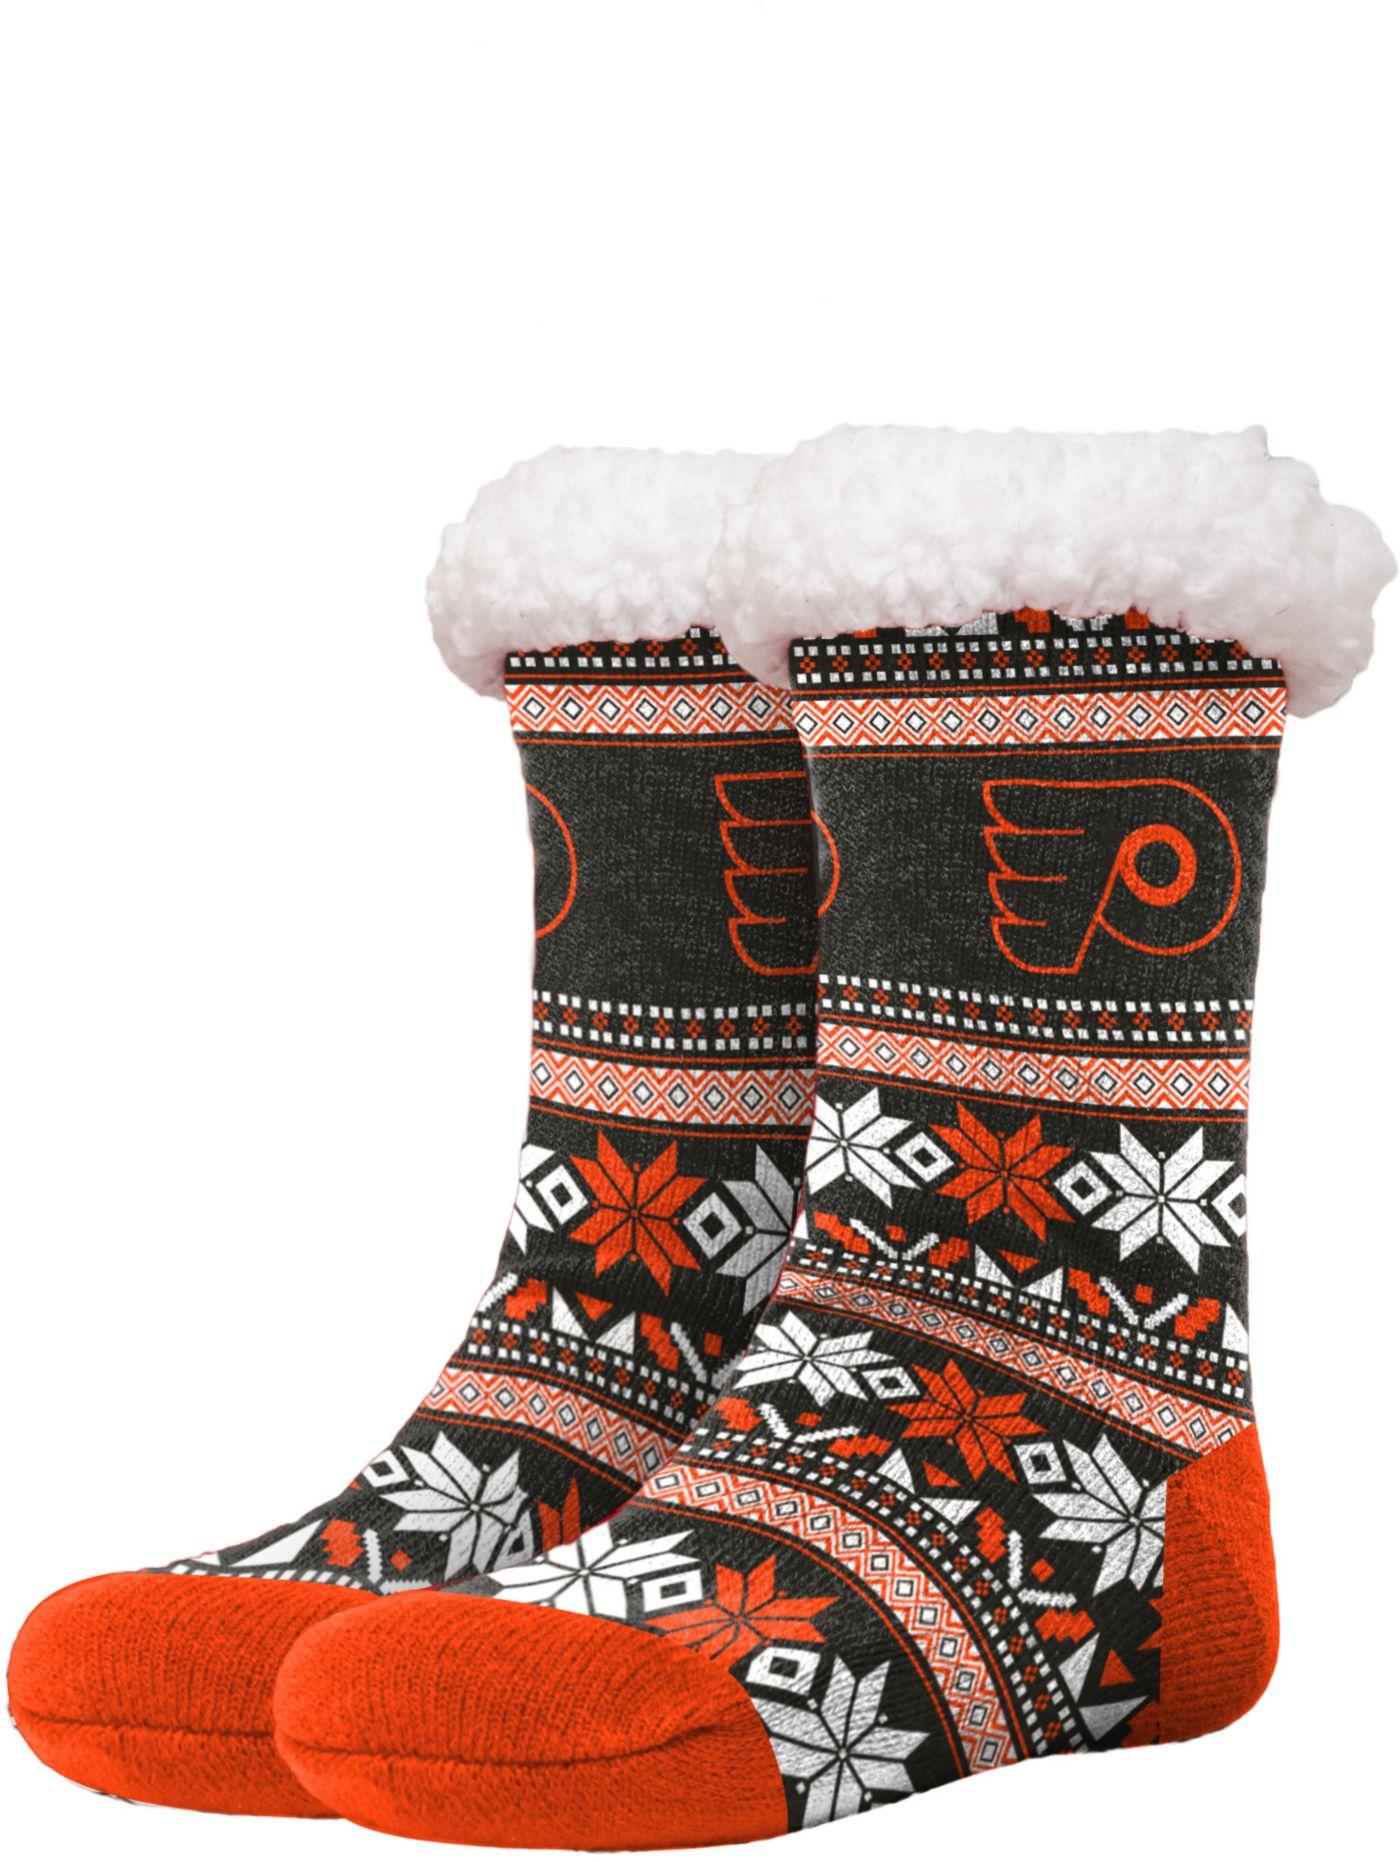 FOCO Philadelphia Flyers Footy Slippers